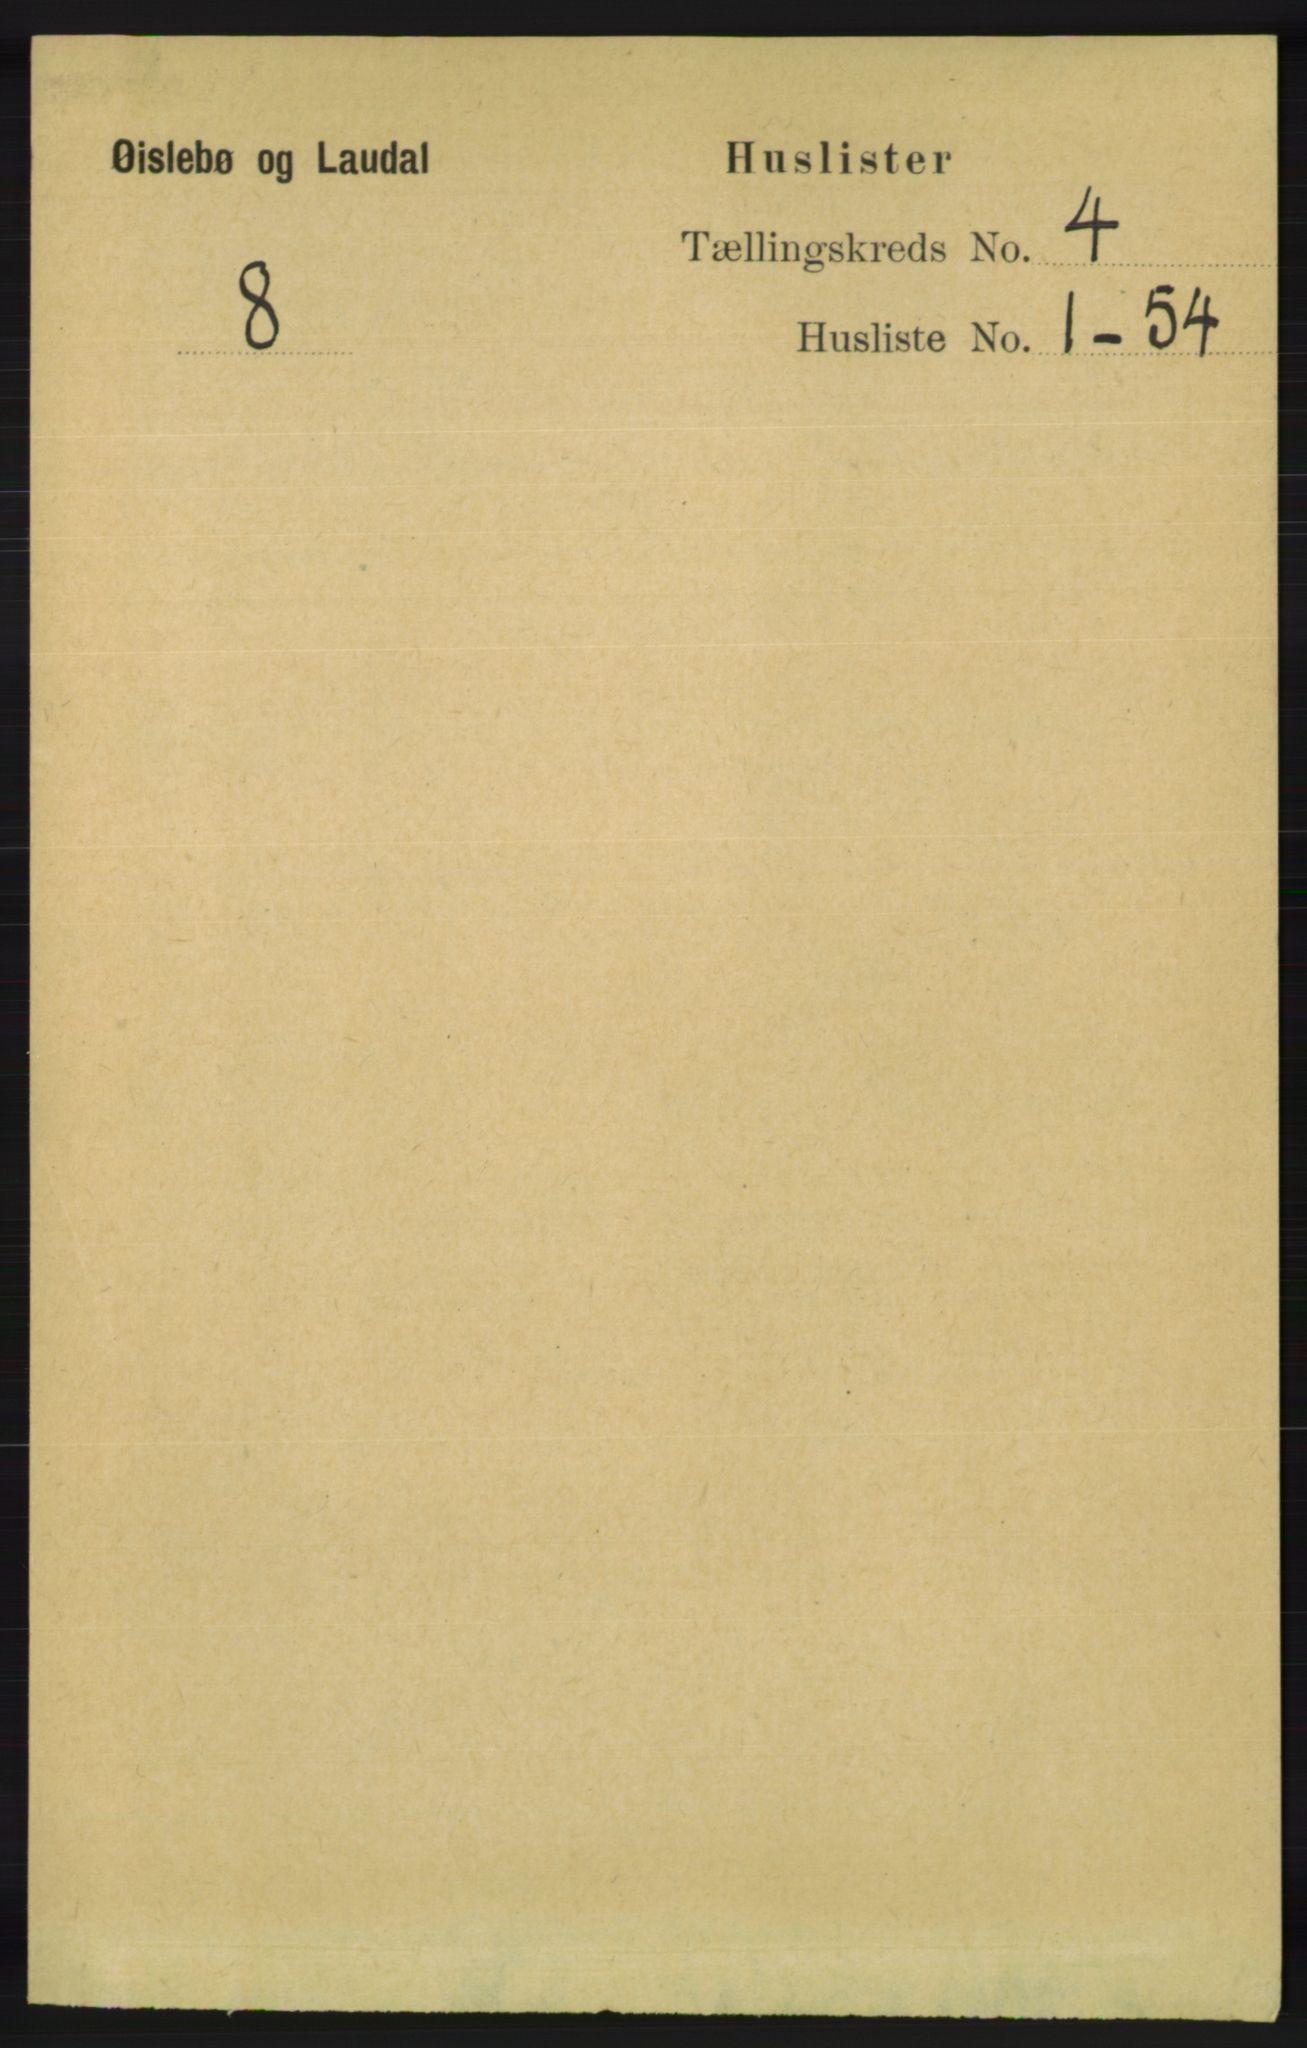 RA, Folketelling 1891 for 1021 Øyslebø og Laudal herred, 1891, s. 950